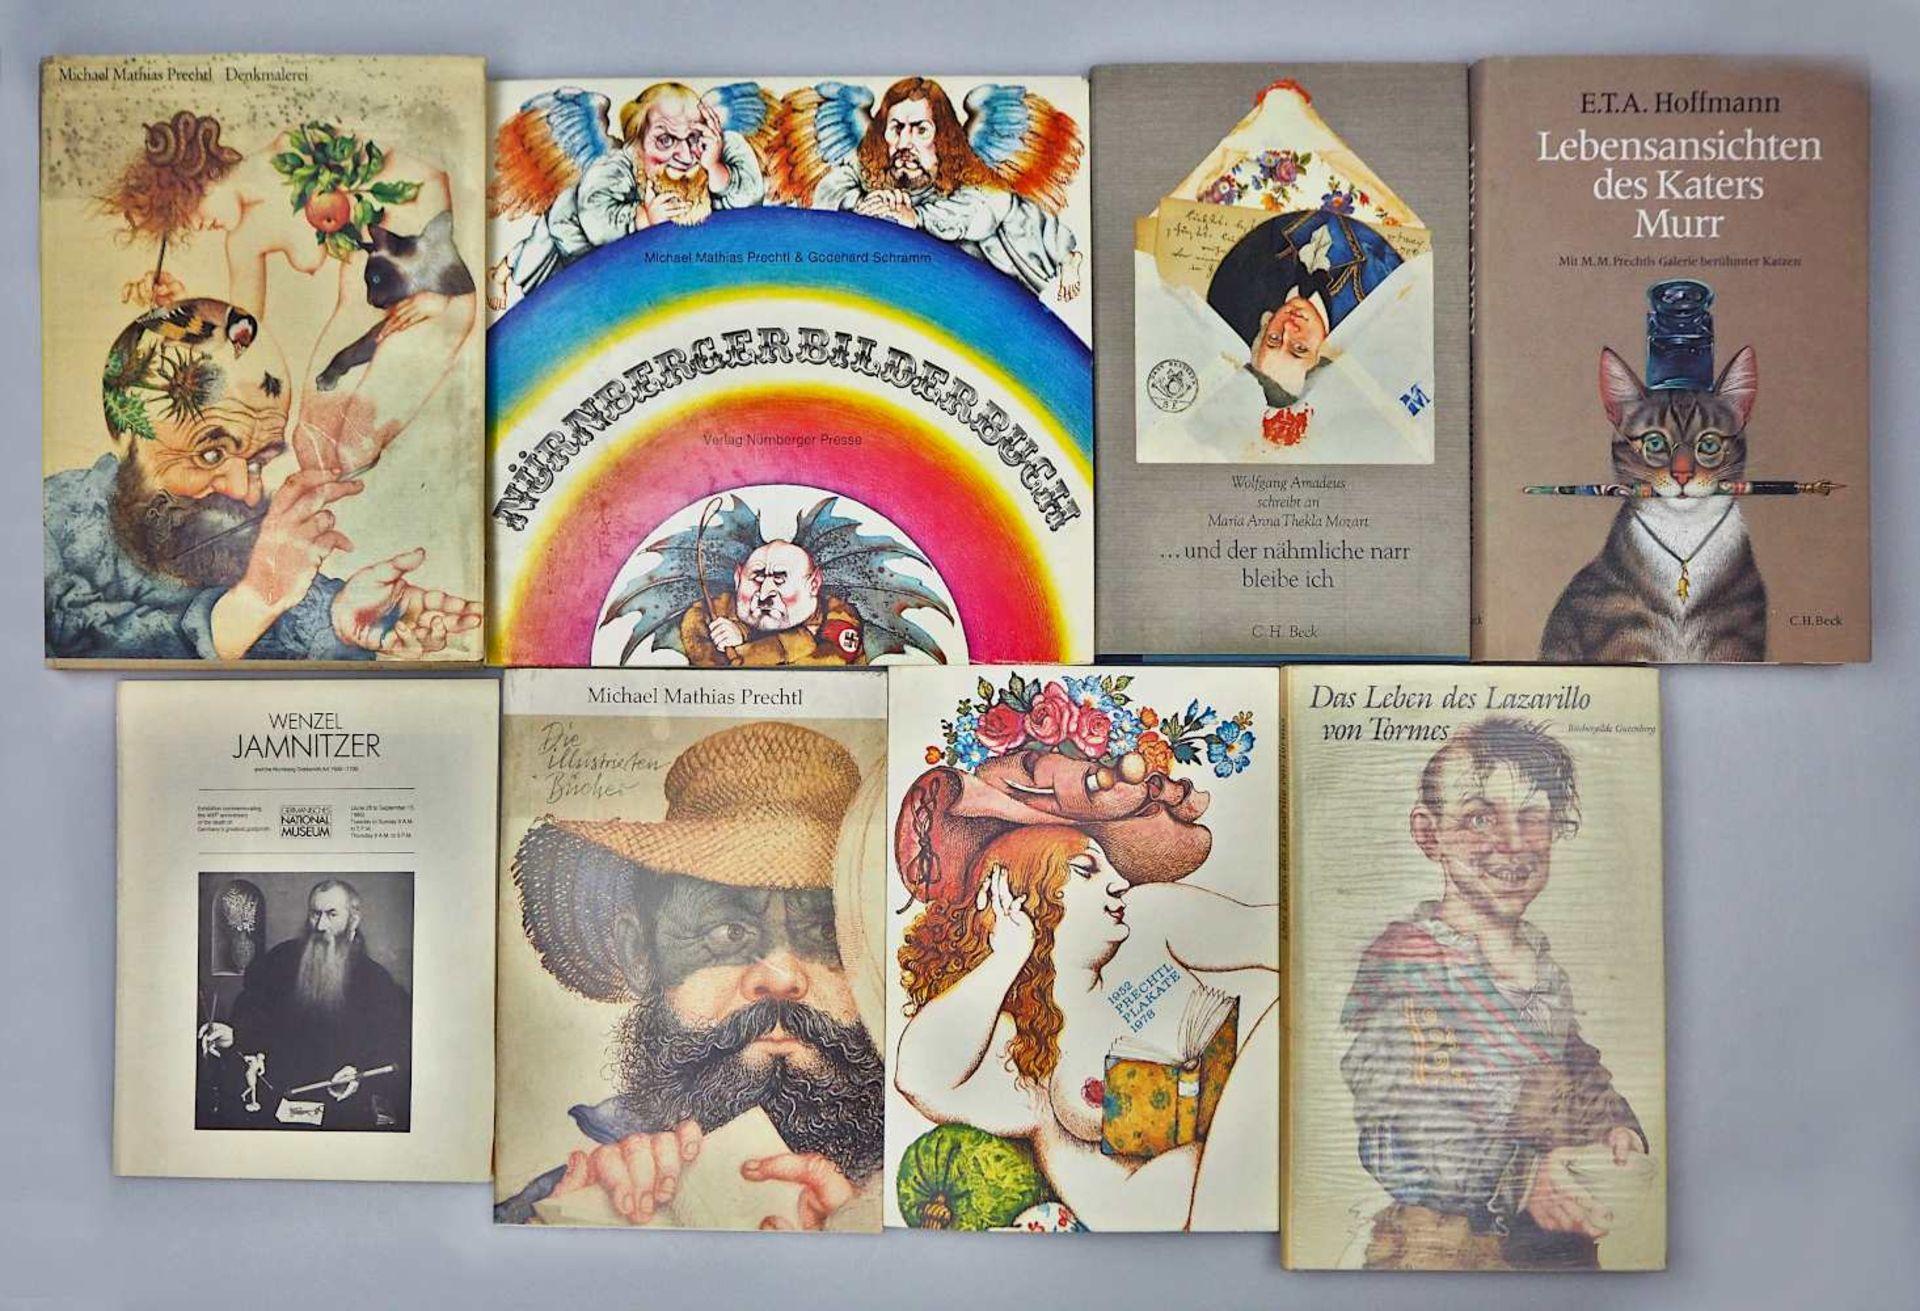 1 Sammlung Kunstbücher mit dem Schwerpunkt Michael Mathias PRECHTL (wohl 1926-2003) z.T. mit Or - Bild 6 aus 11